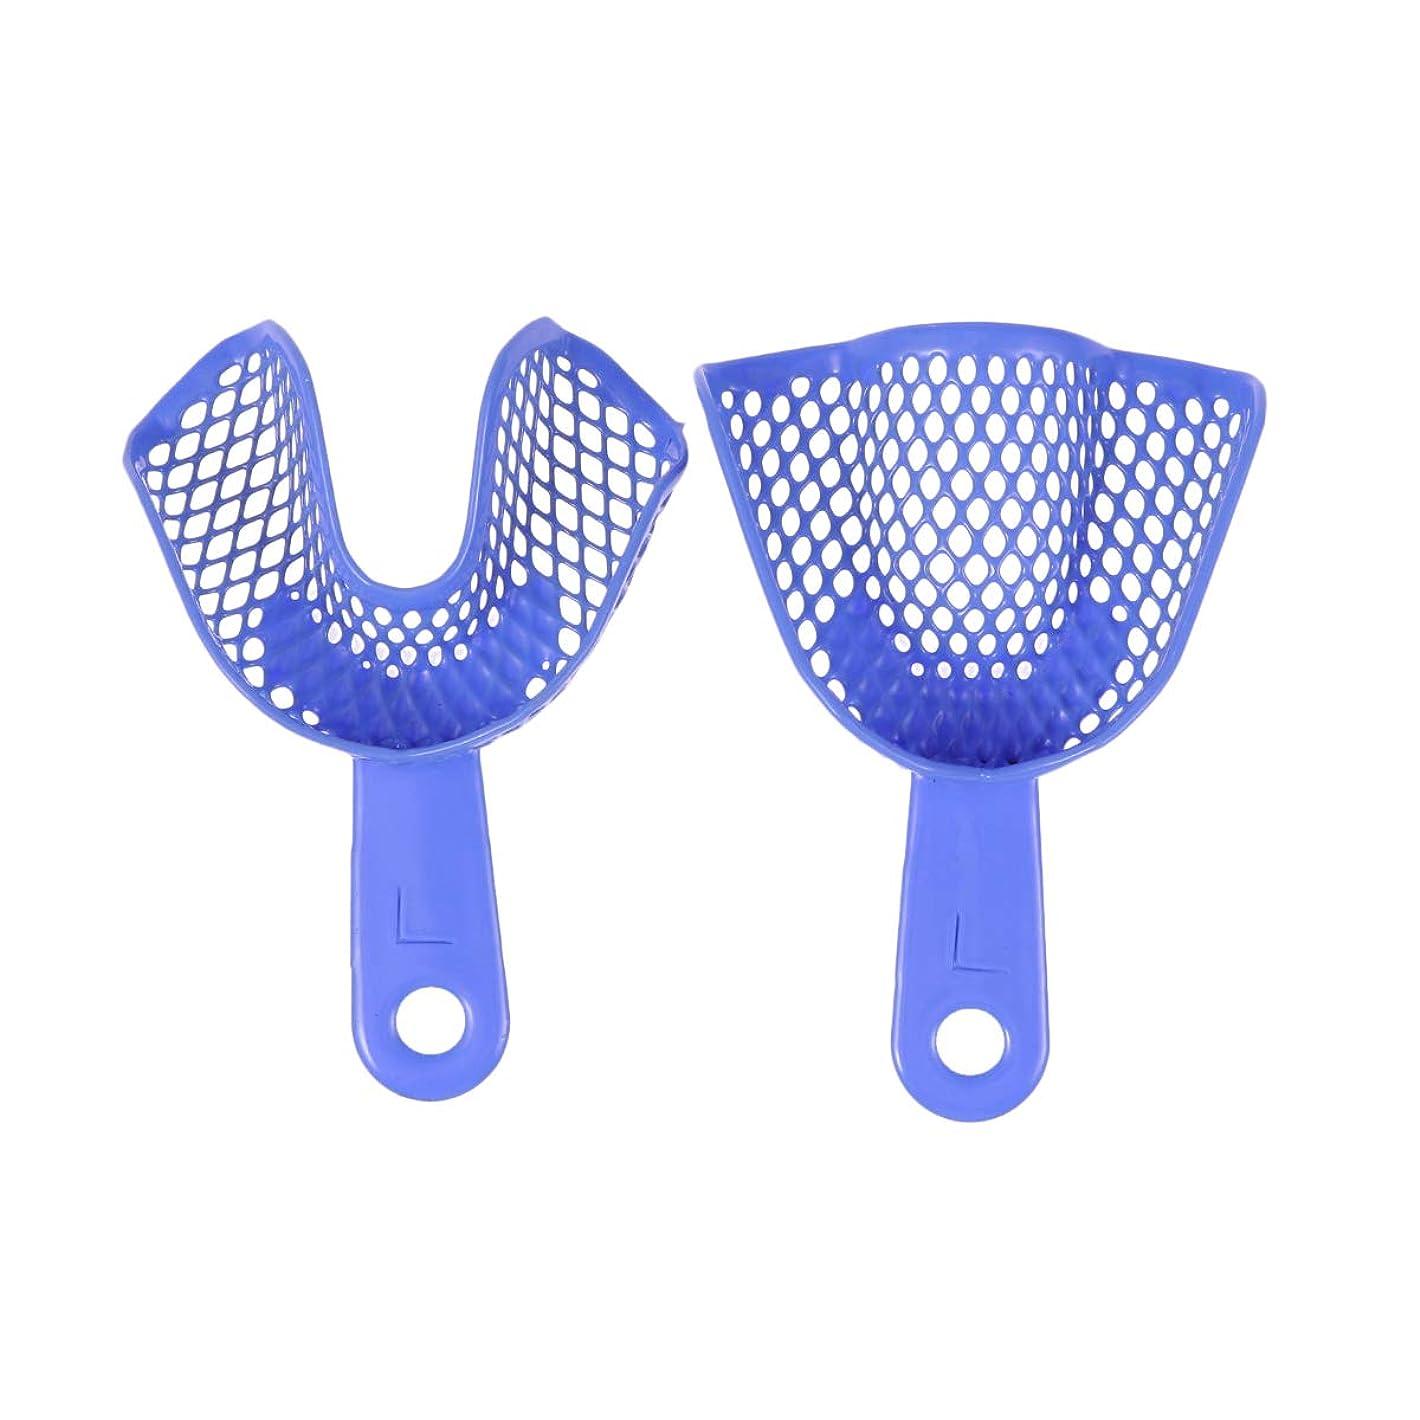 ダース提供氏Healifty 2個使い捨て歯科用印象トレイ歯トレイ歯科矯正材料(青、L)